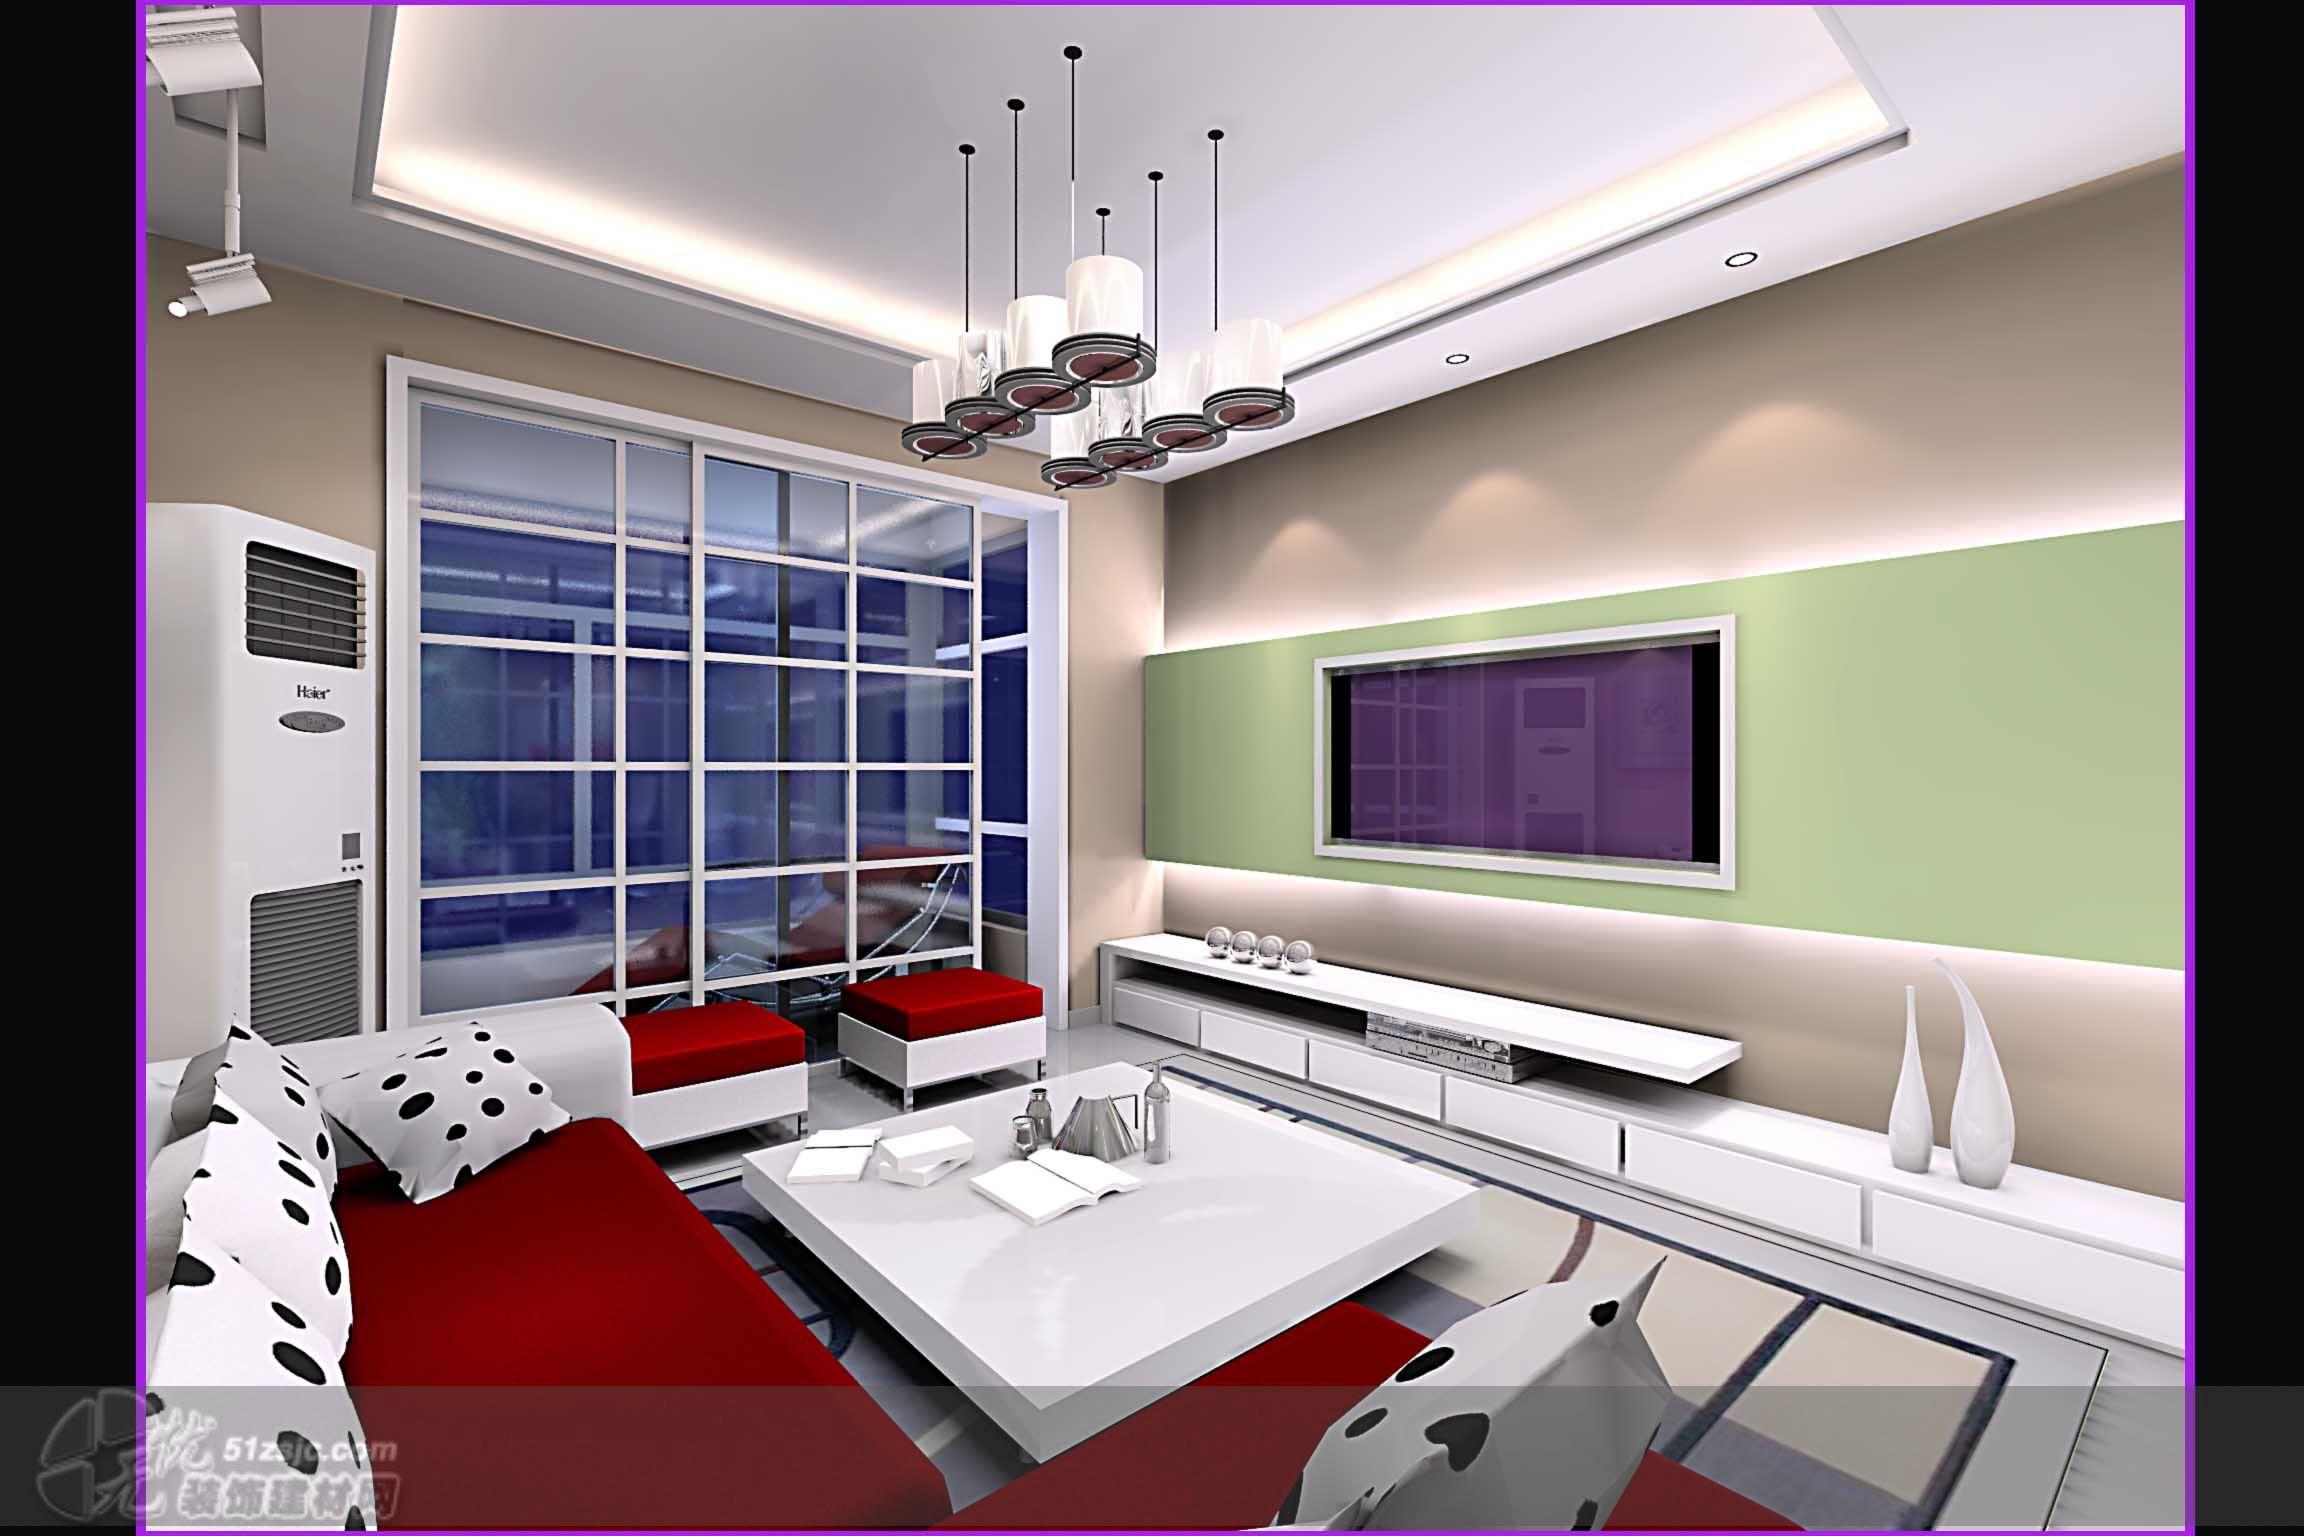 家装 装饰效果图,室内装修图,装饰图库装,修设计图